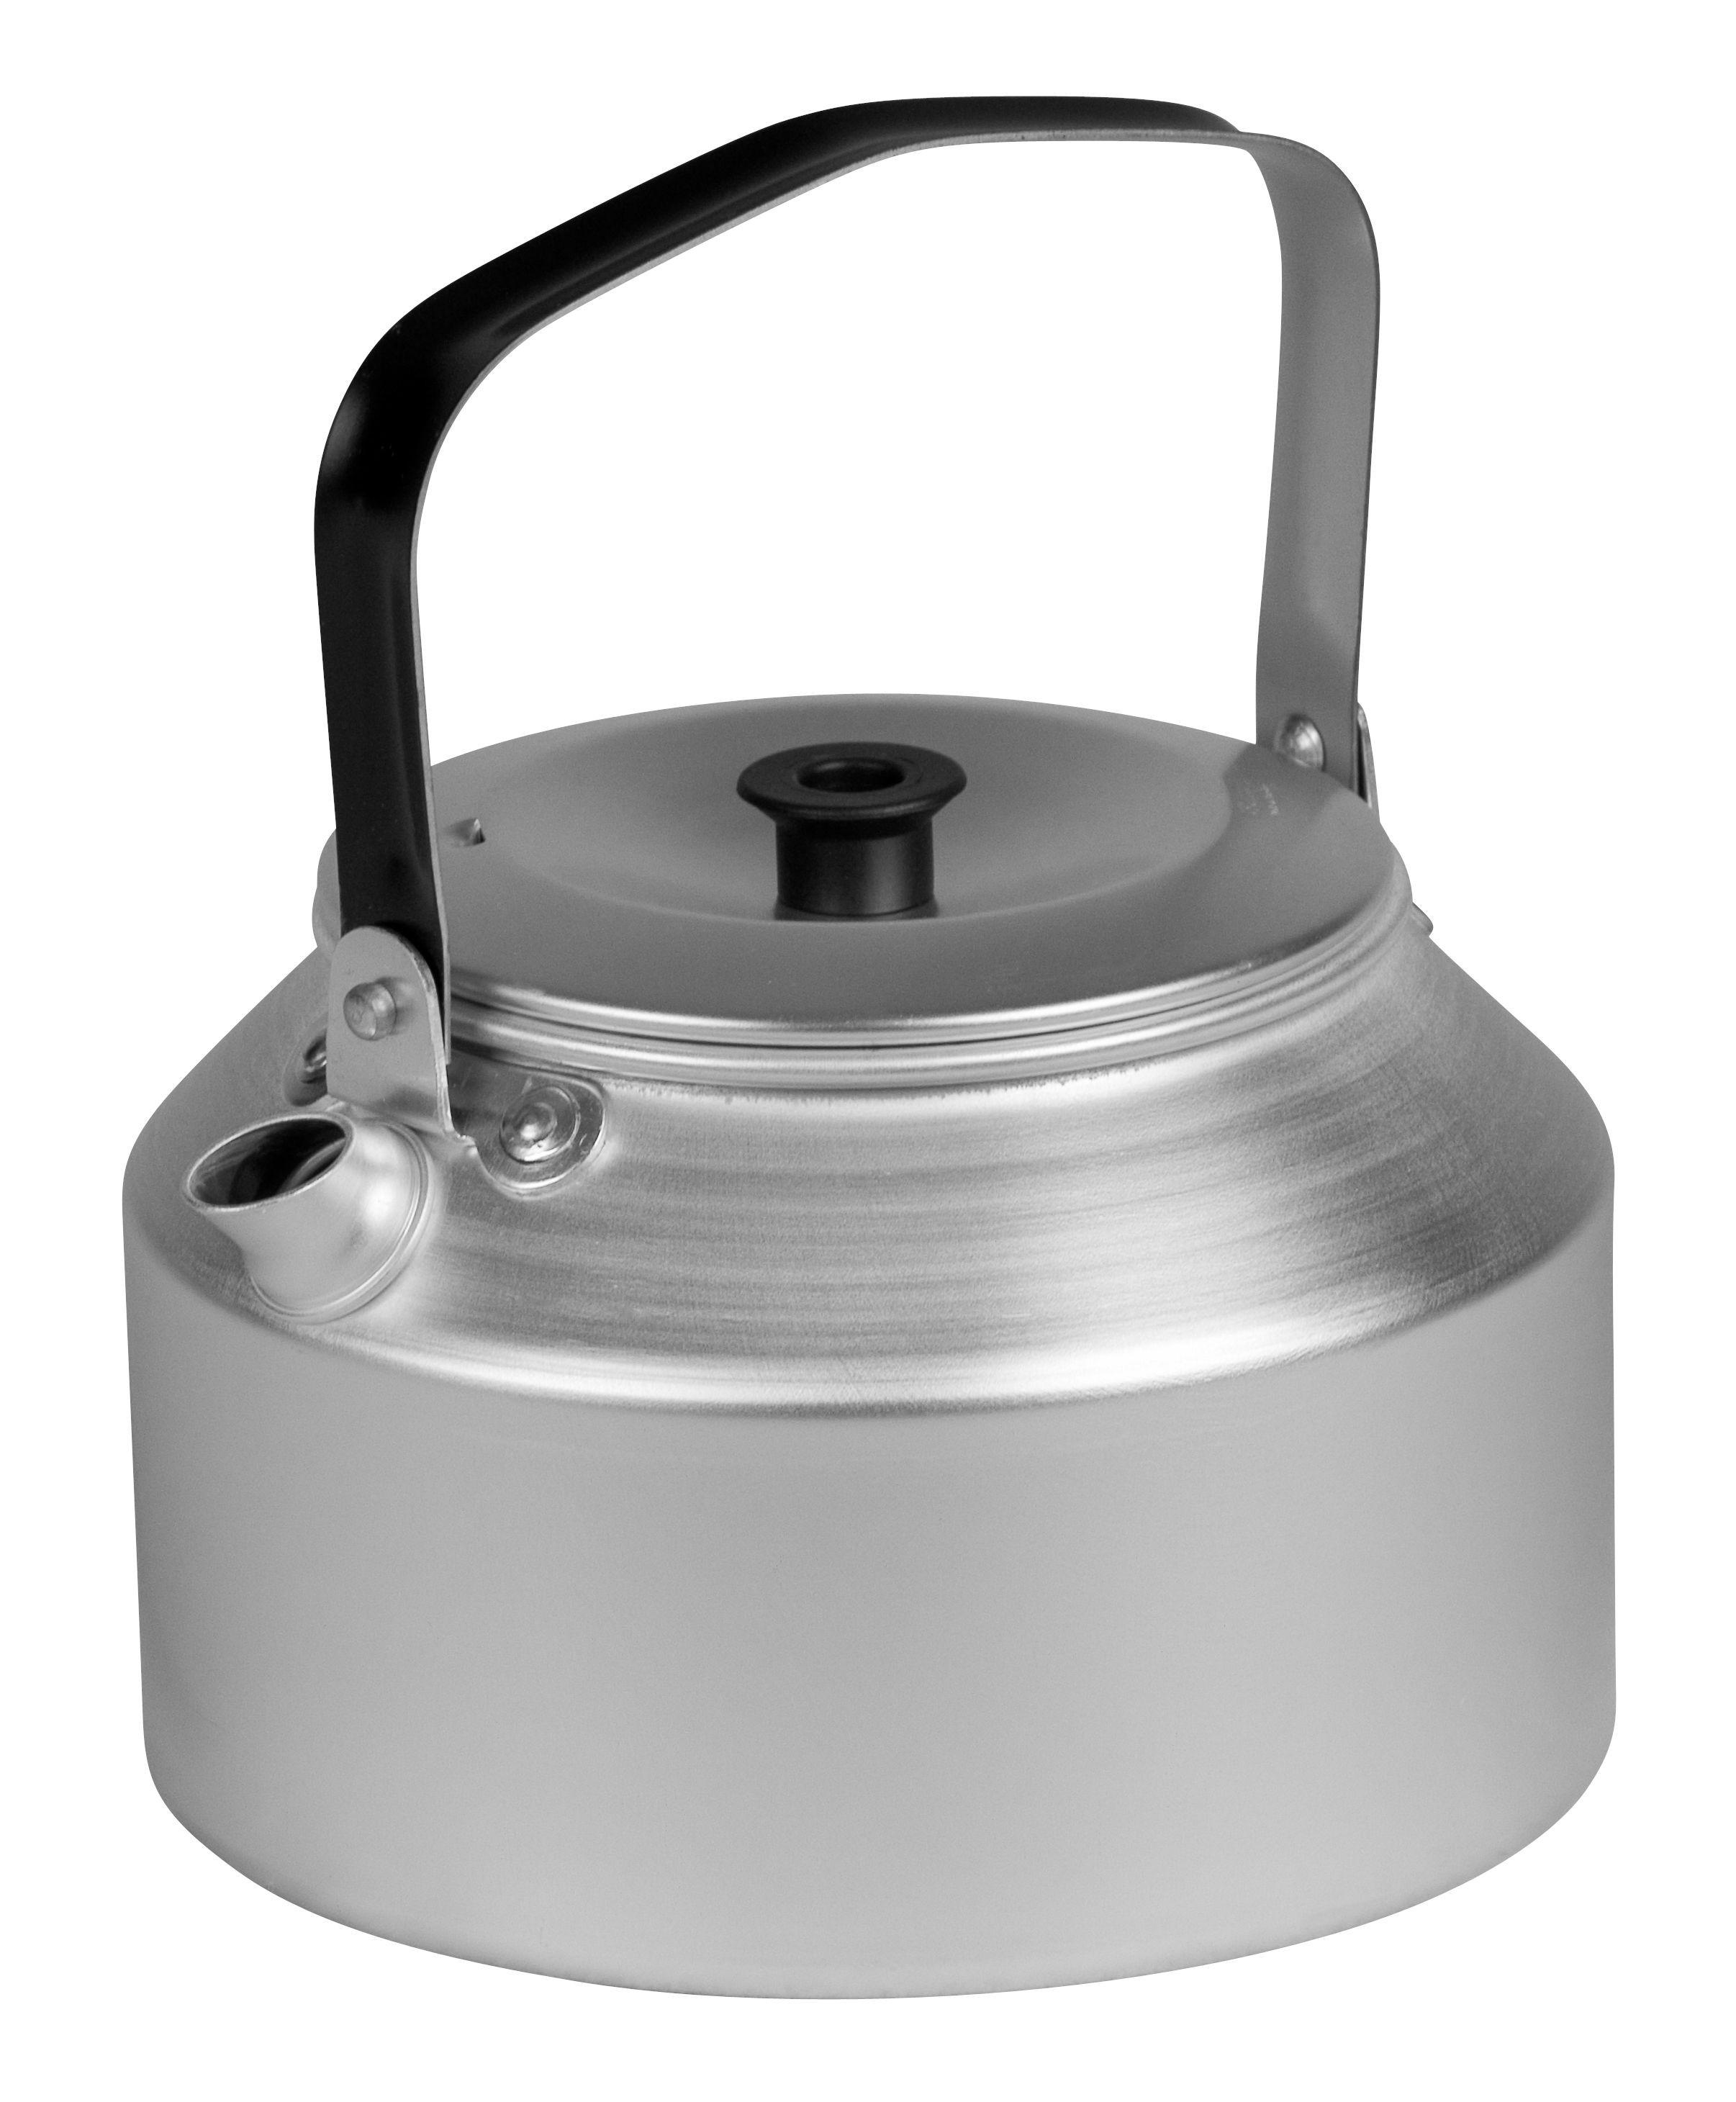 Trangia Wasserkessel 0,9 L Kocher gro/ß